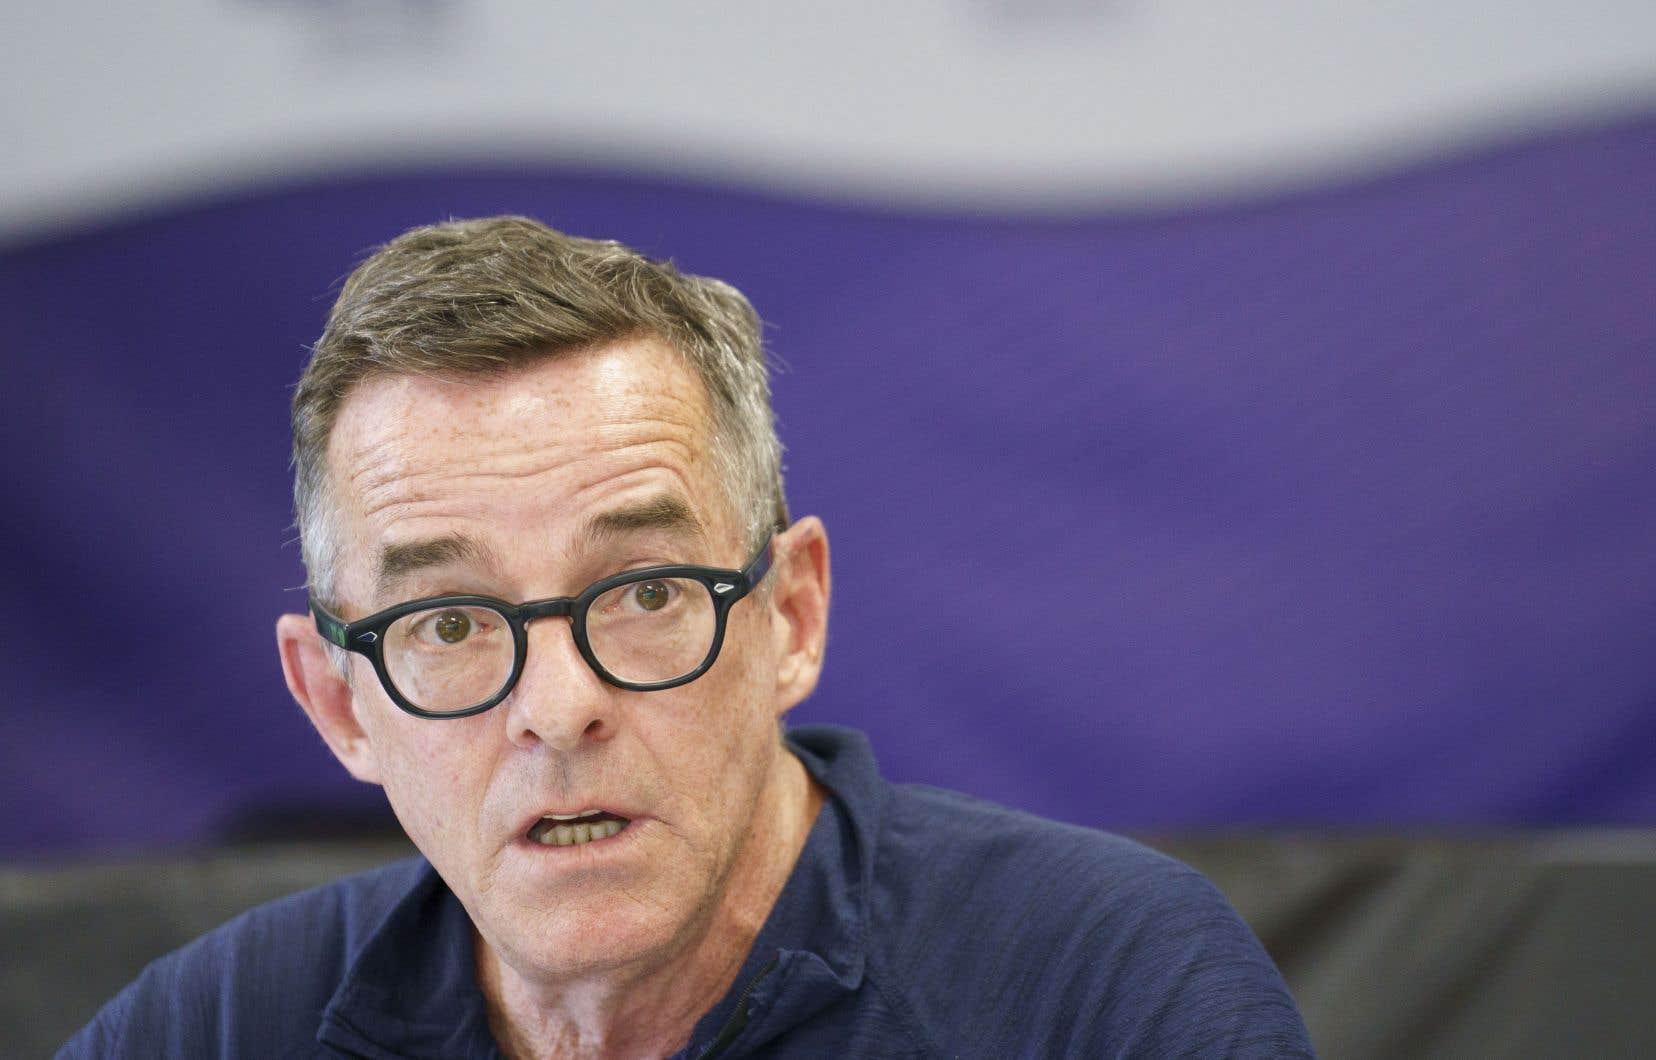 Michel Murray, porte-parole du Syndicat des débardeurs, a affirmé que la loi spéciale représentait une attaque contre le droit de grève constitutionnel des travailleurs.